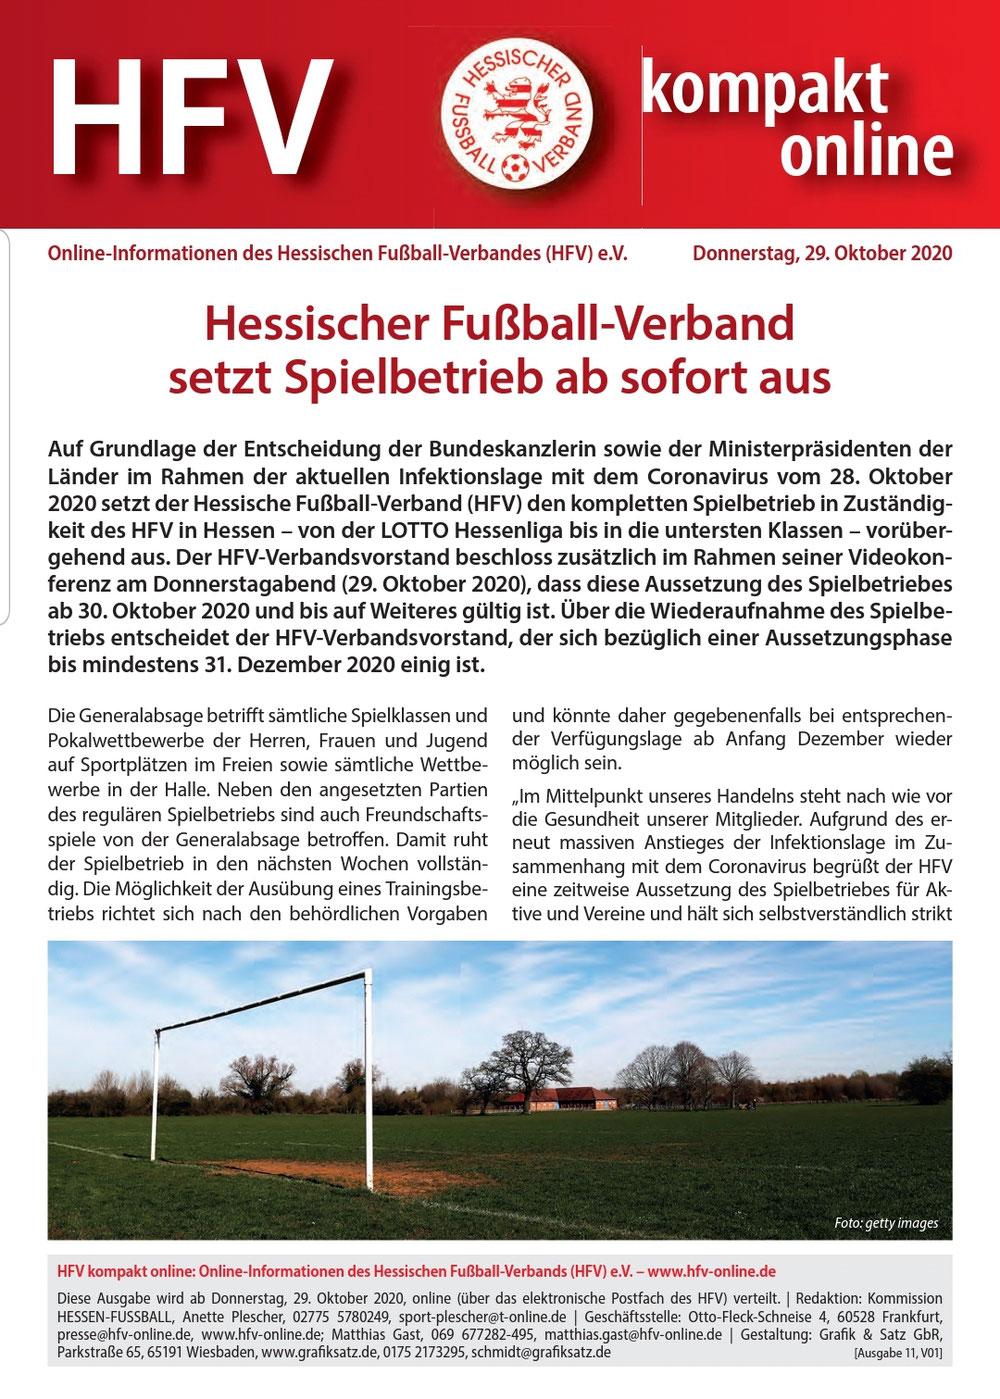 HFV kompakt online vom 29.10.20